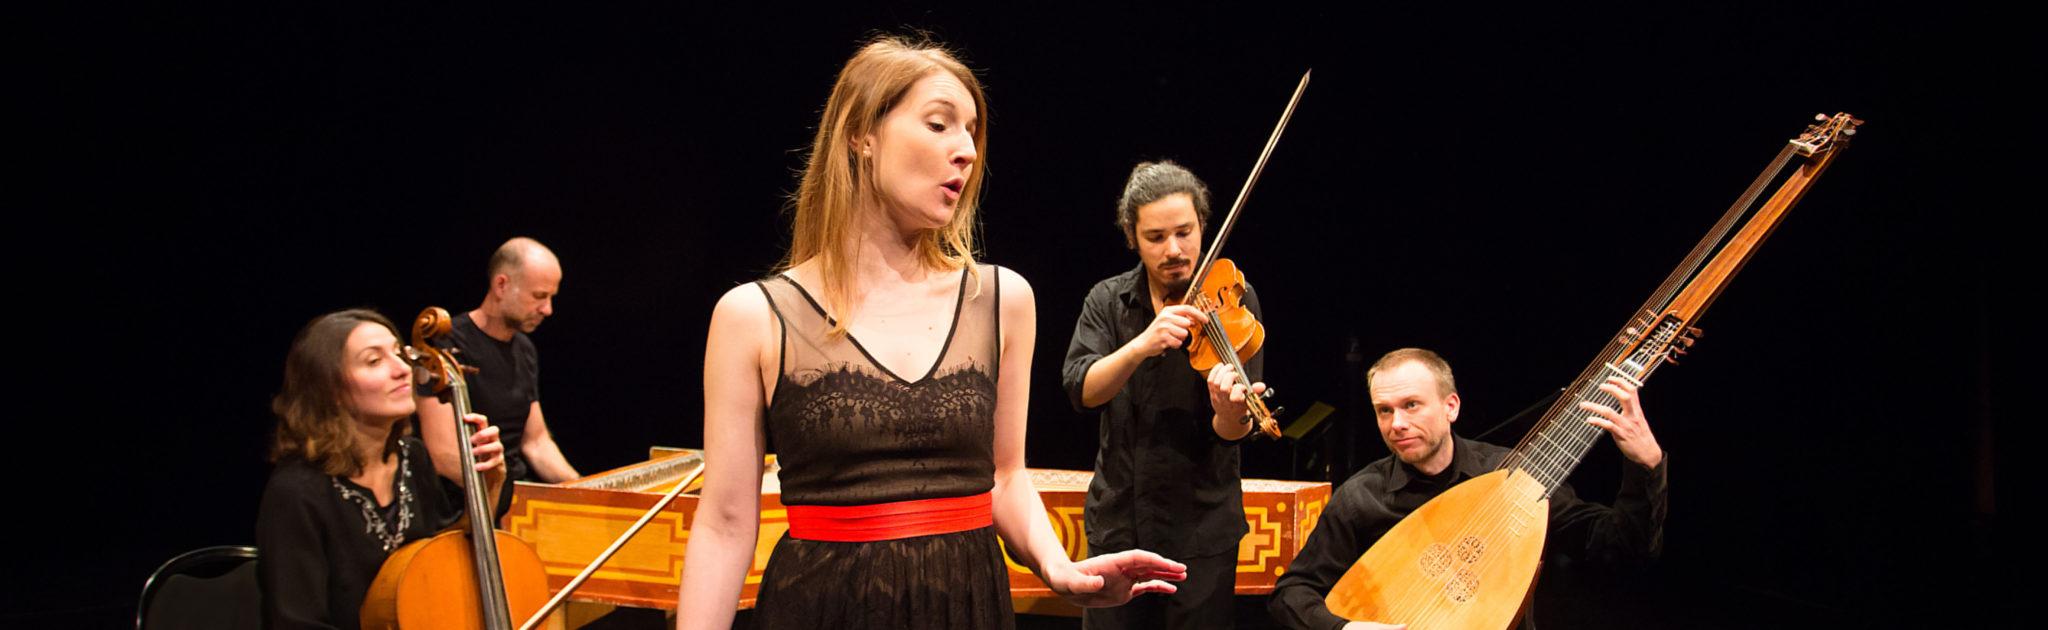 concert-hostel-dieu-credit-julie-cherki-hd-17